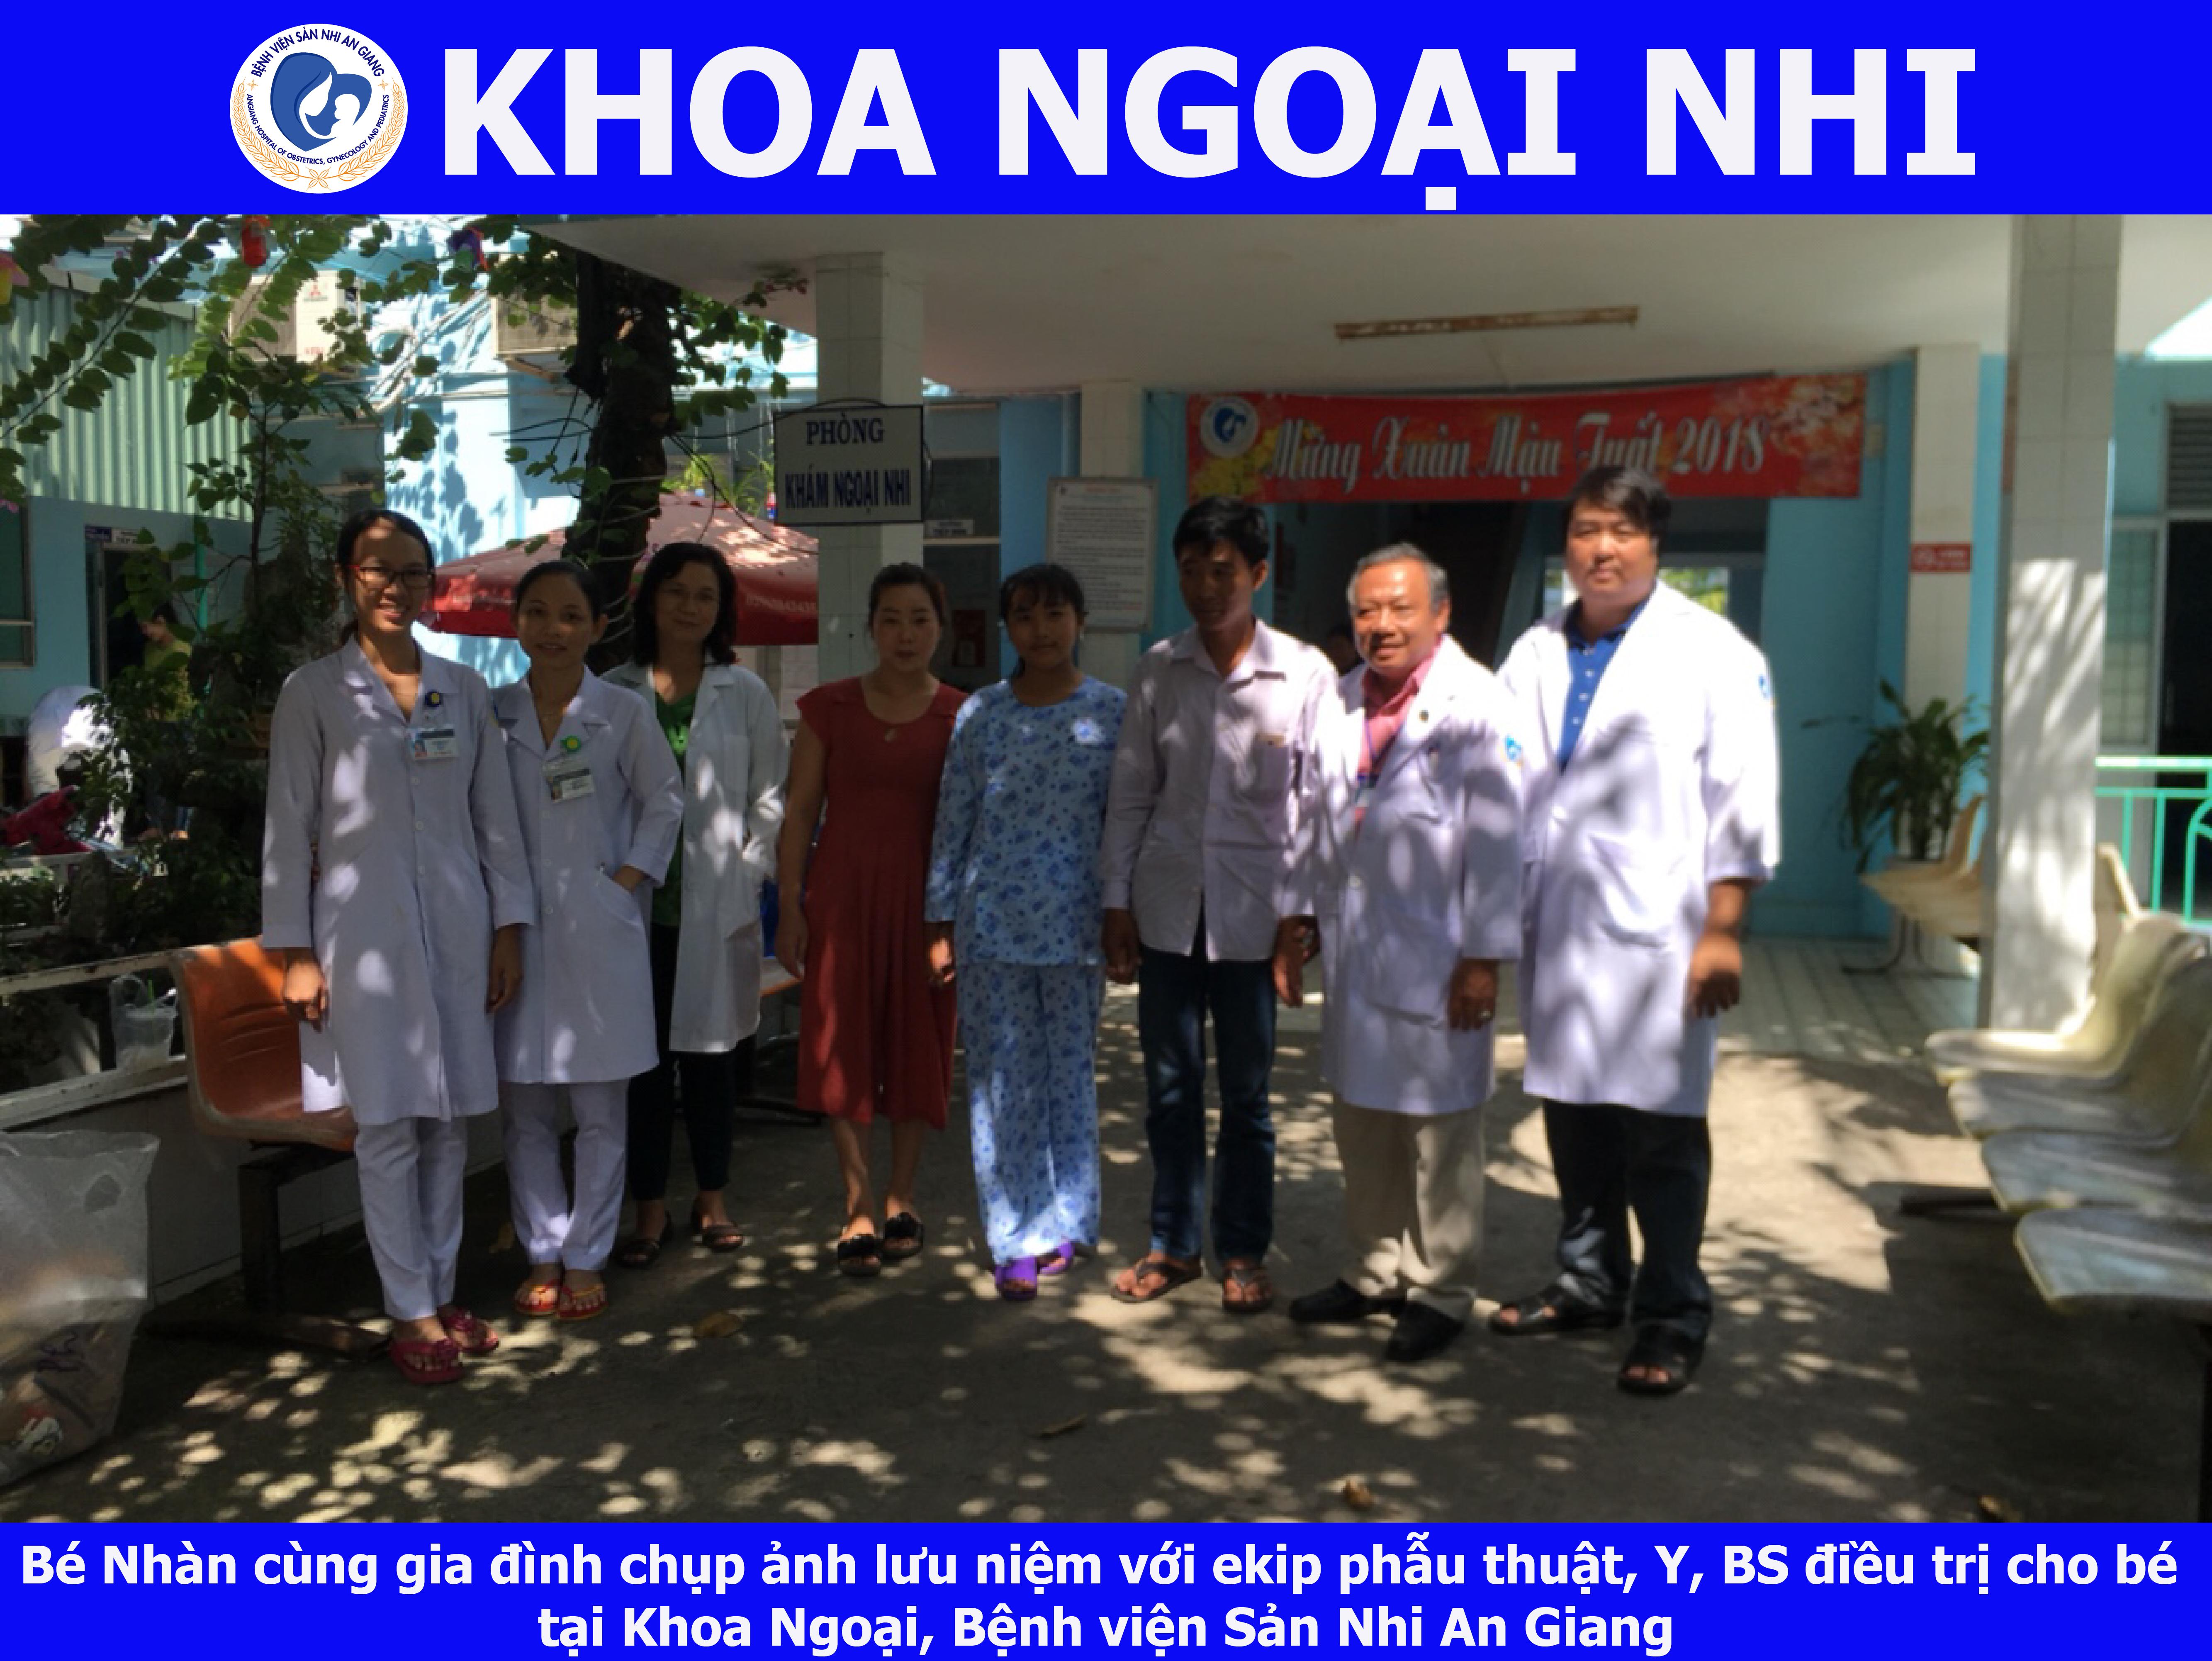 KHOA NGOAI NHI NEW